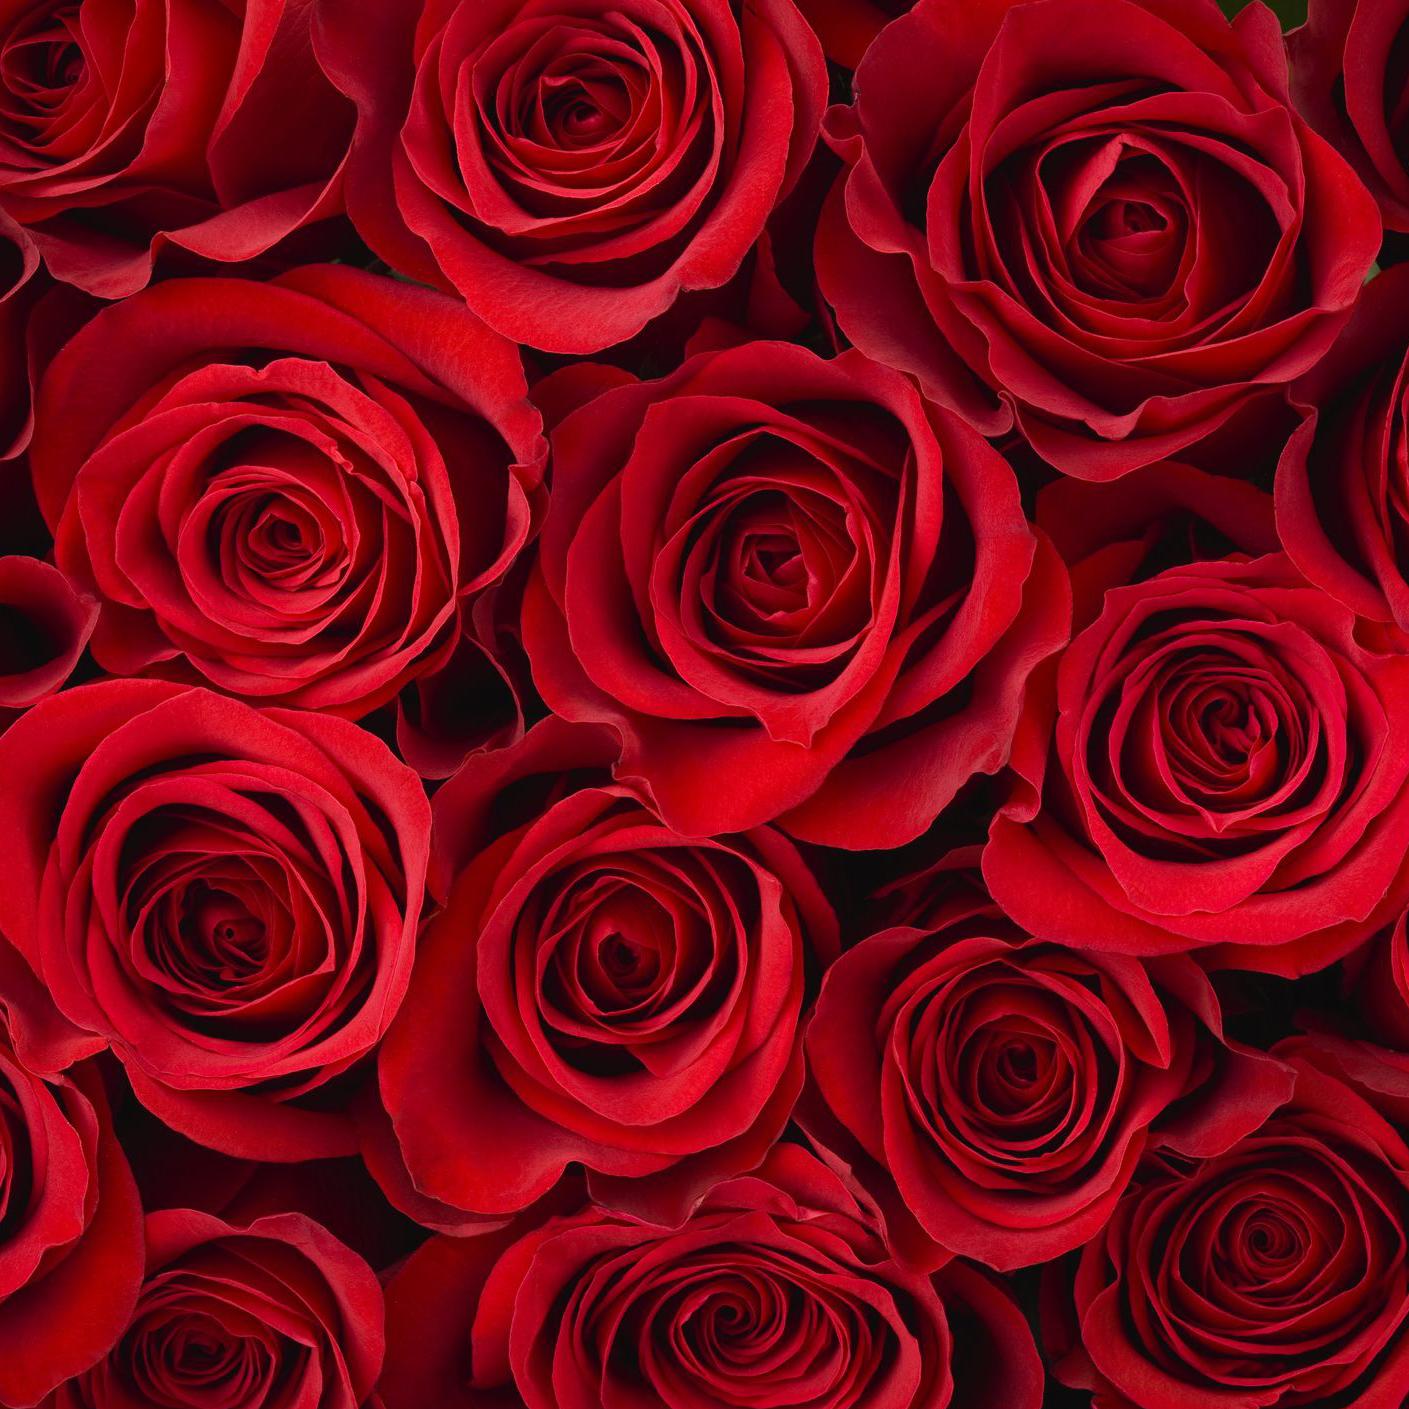 red-roses-183274994-5882289c3df78c2ccd7f1c0e.jpg